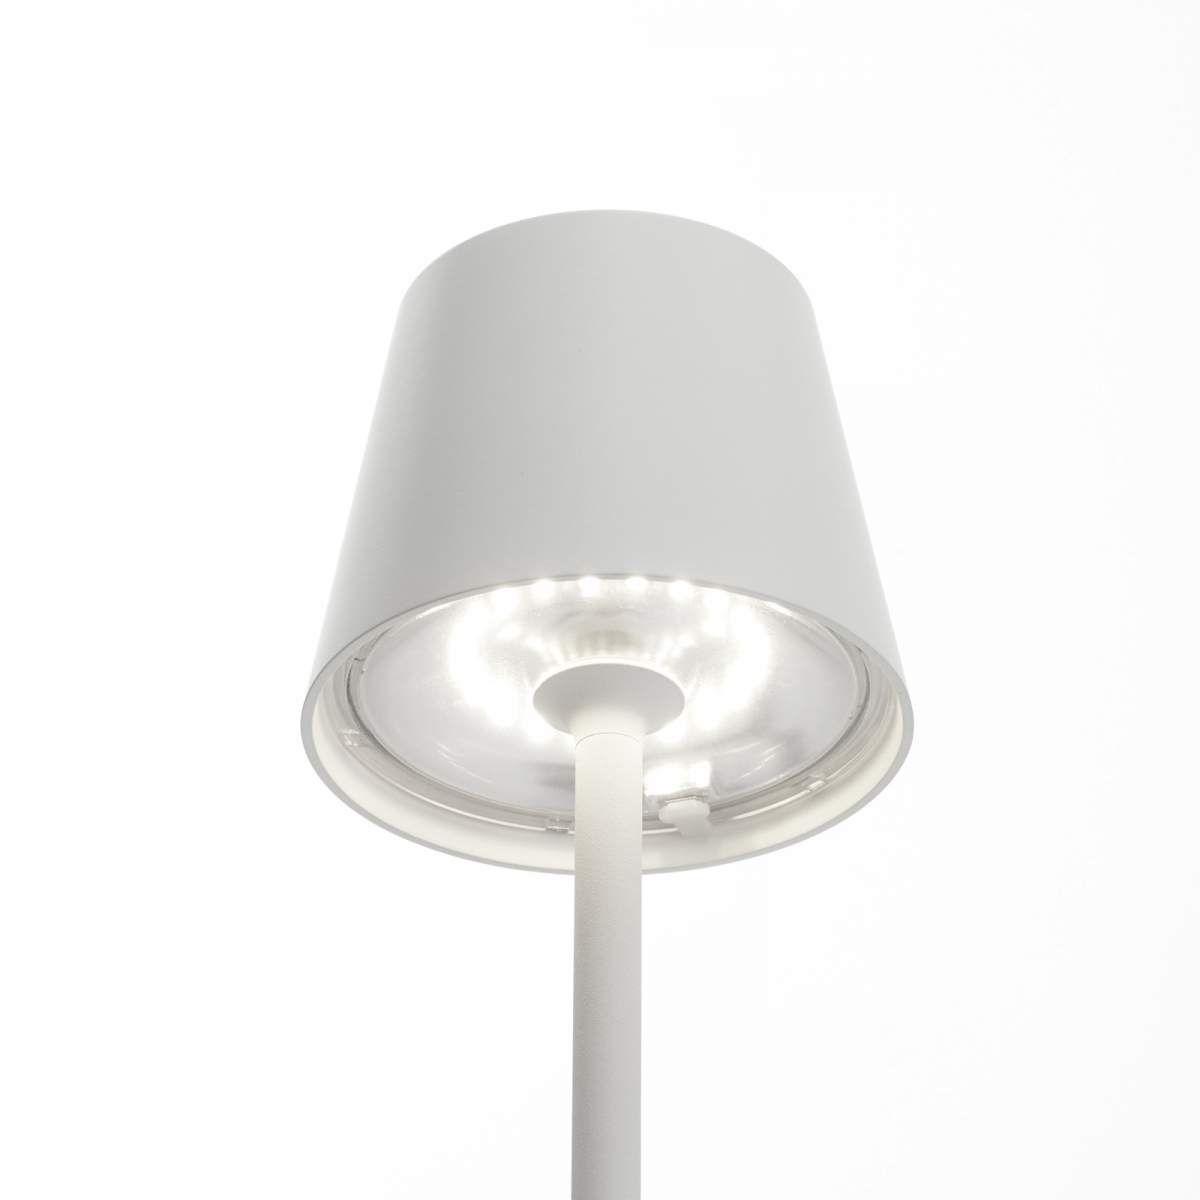 Led Erdspiessleuchte Poldina Mit Akku Weiss 135 Cm Led Led Tischlampe Und Led Hangeleuchte